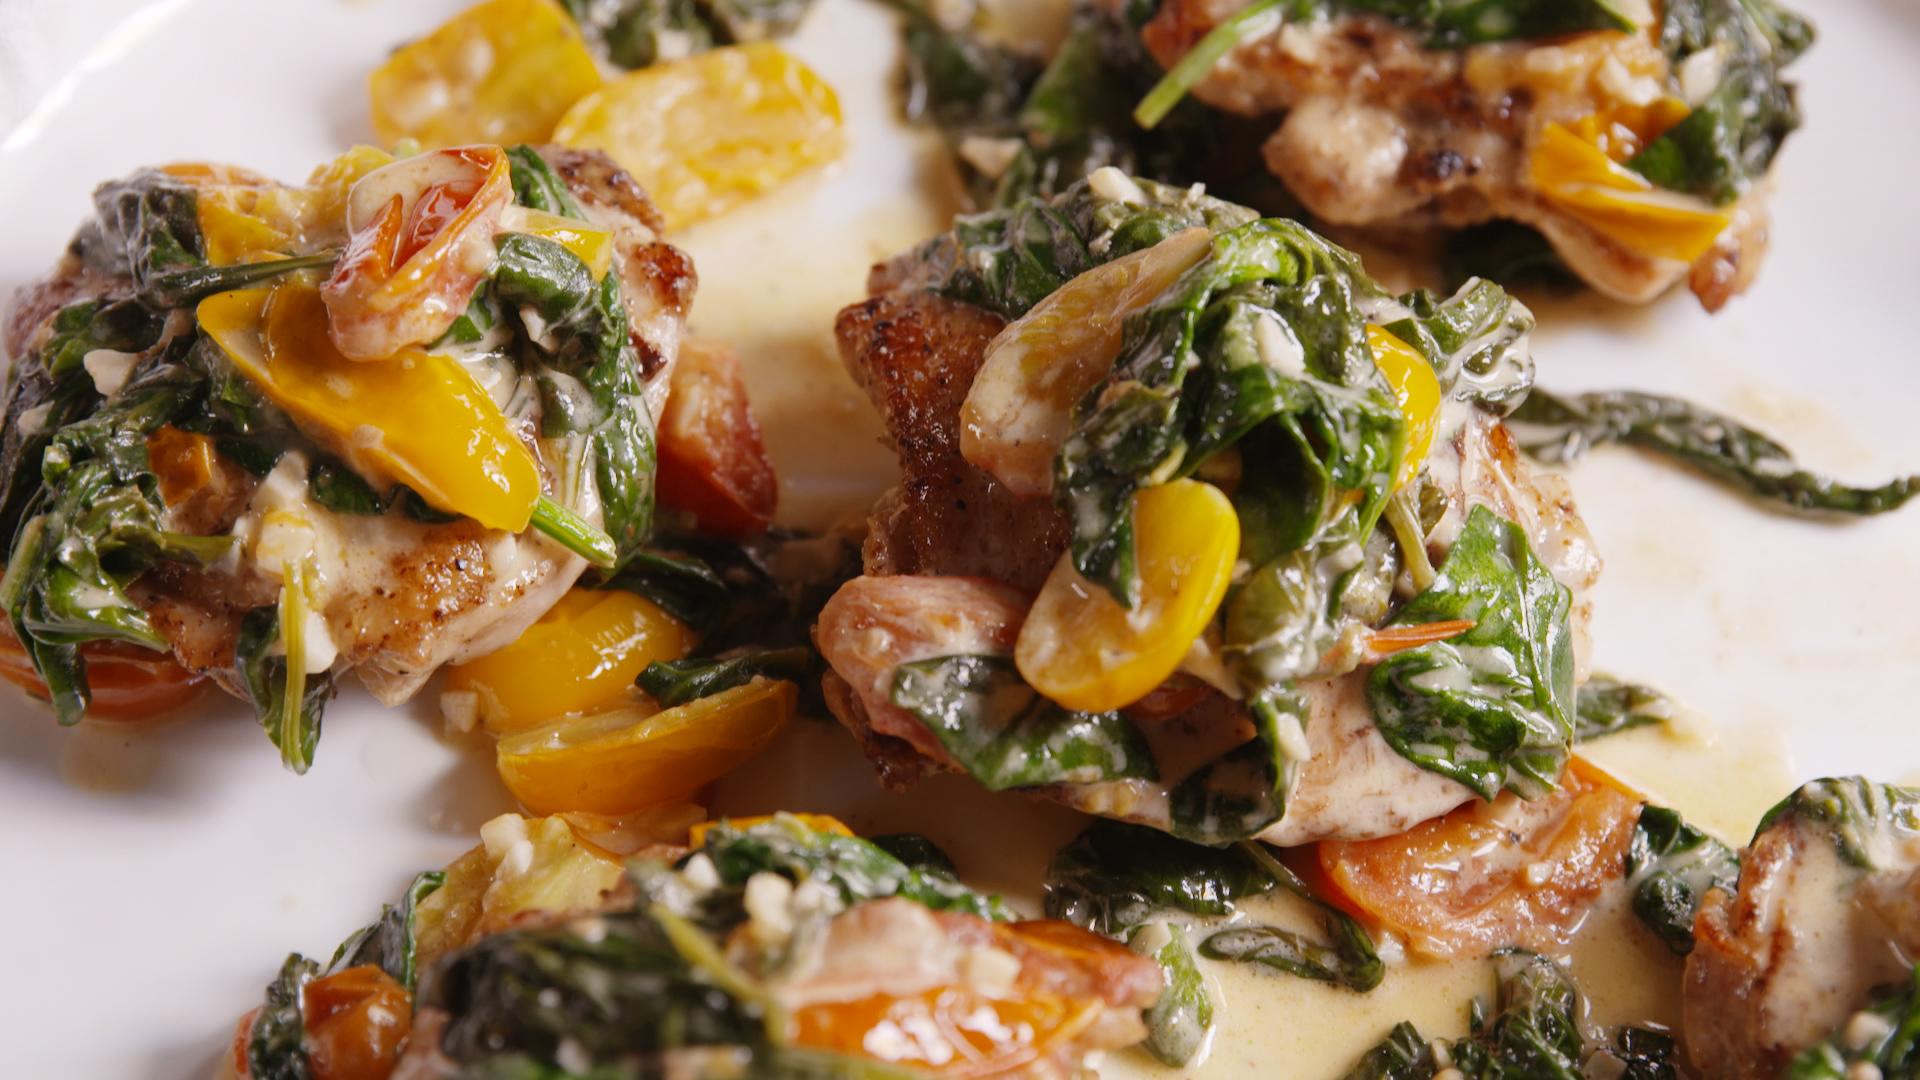 How to Make Chicken Florentine